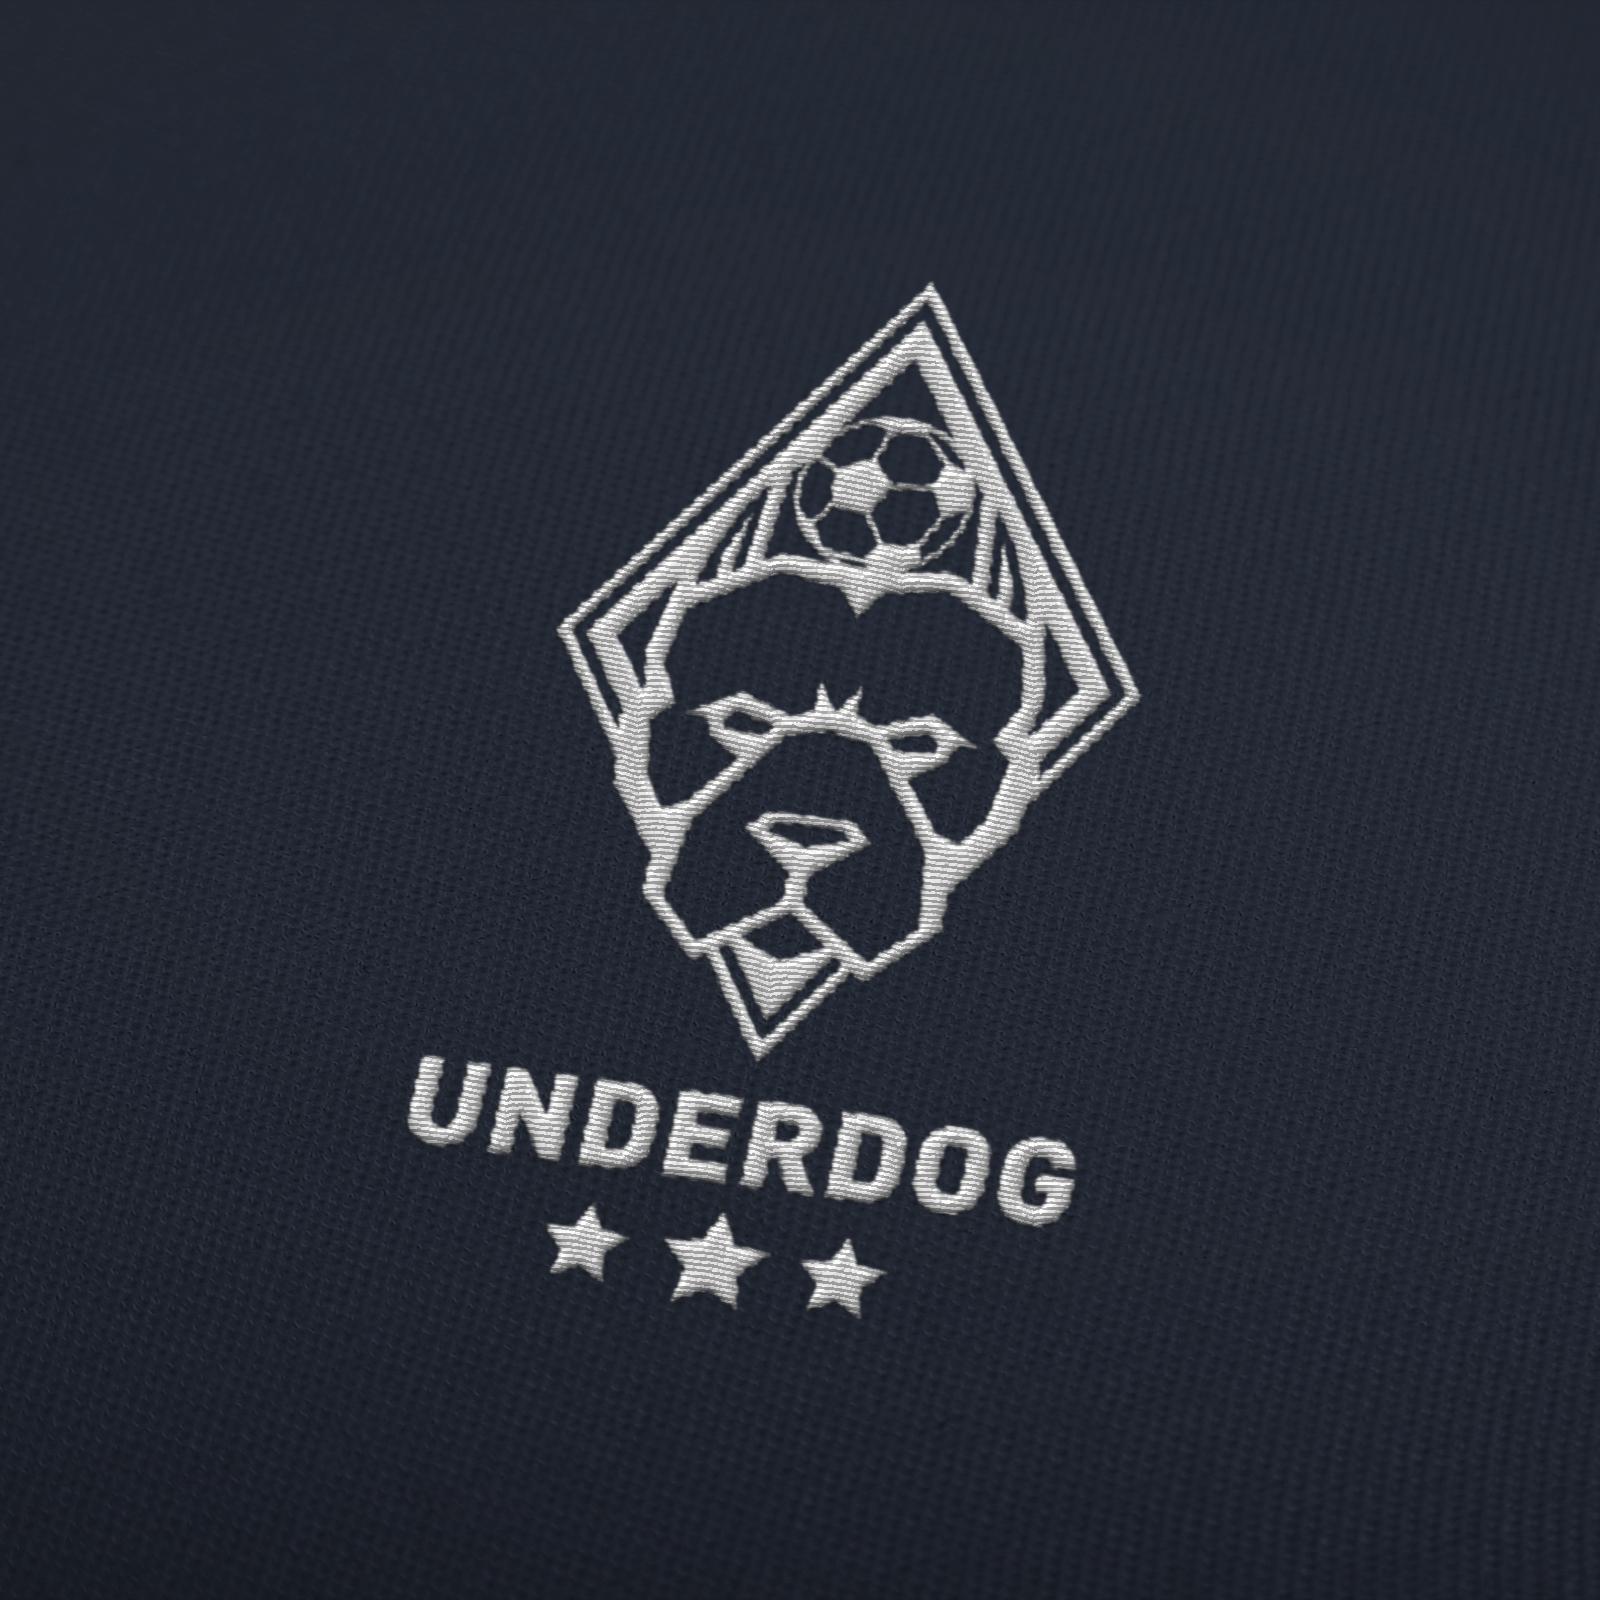 Футбольный клуб UNDERDOG - разработать фирстиль и бренд-бук фото f_9475caf5a4d78599.jpg